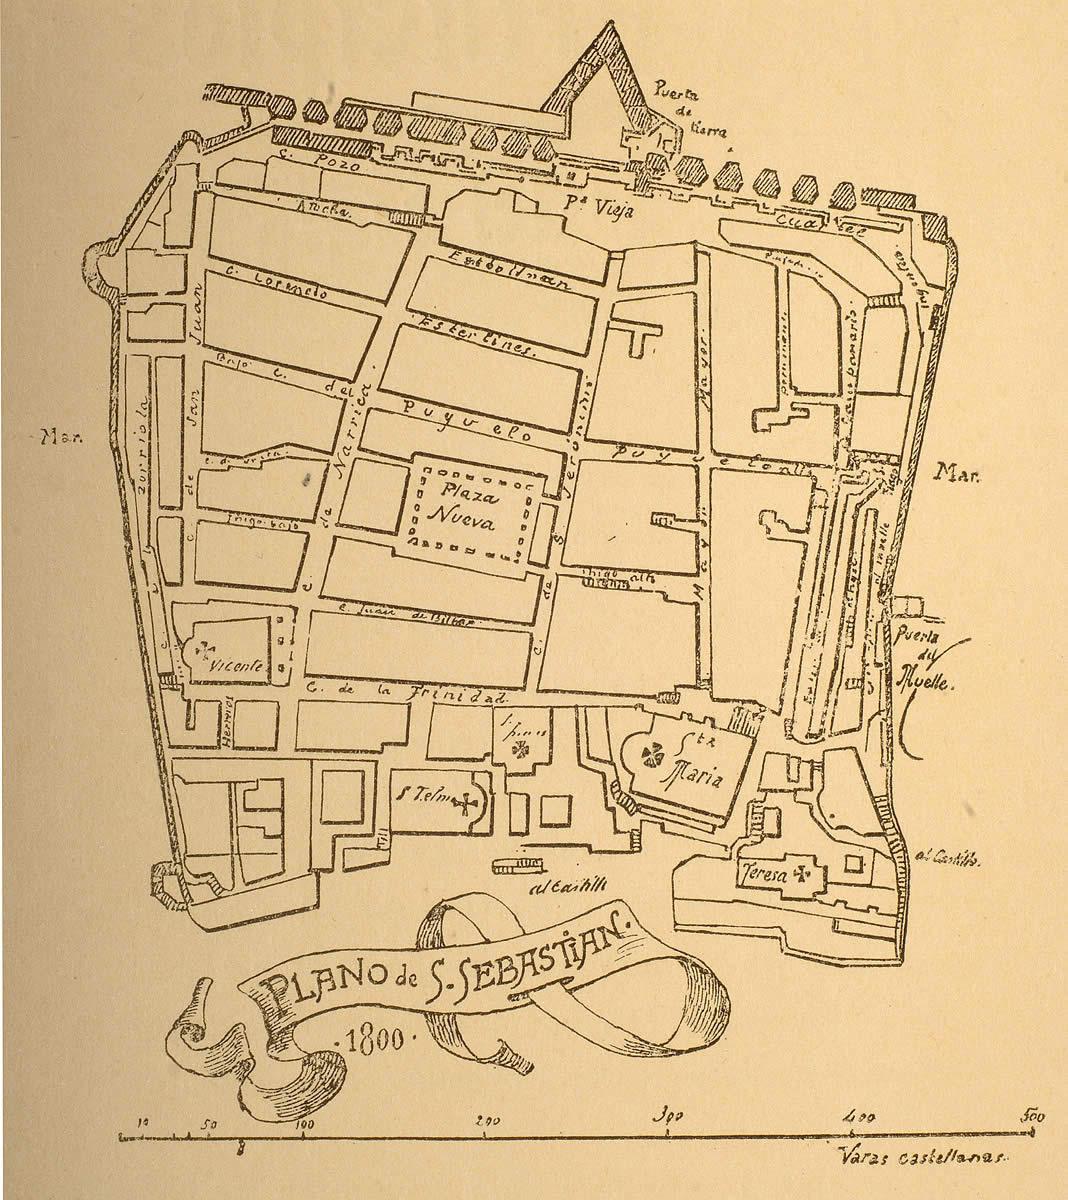 Map of Donostia-San Sebastián in 1800